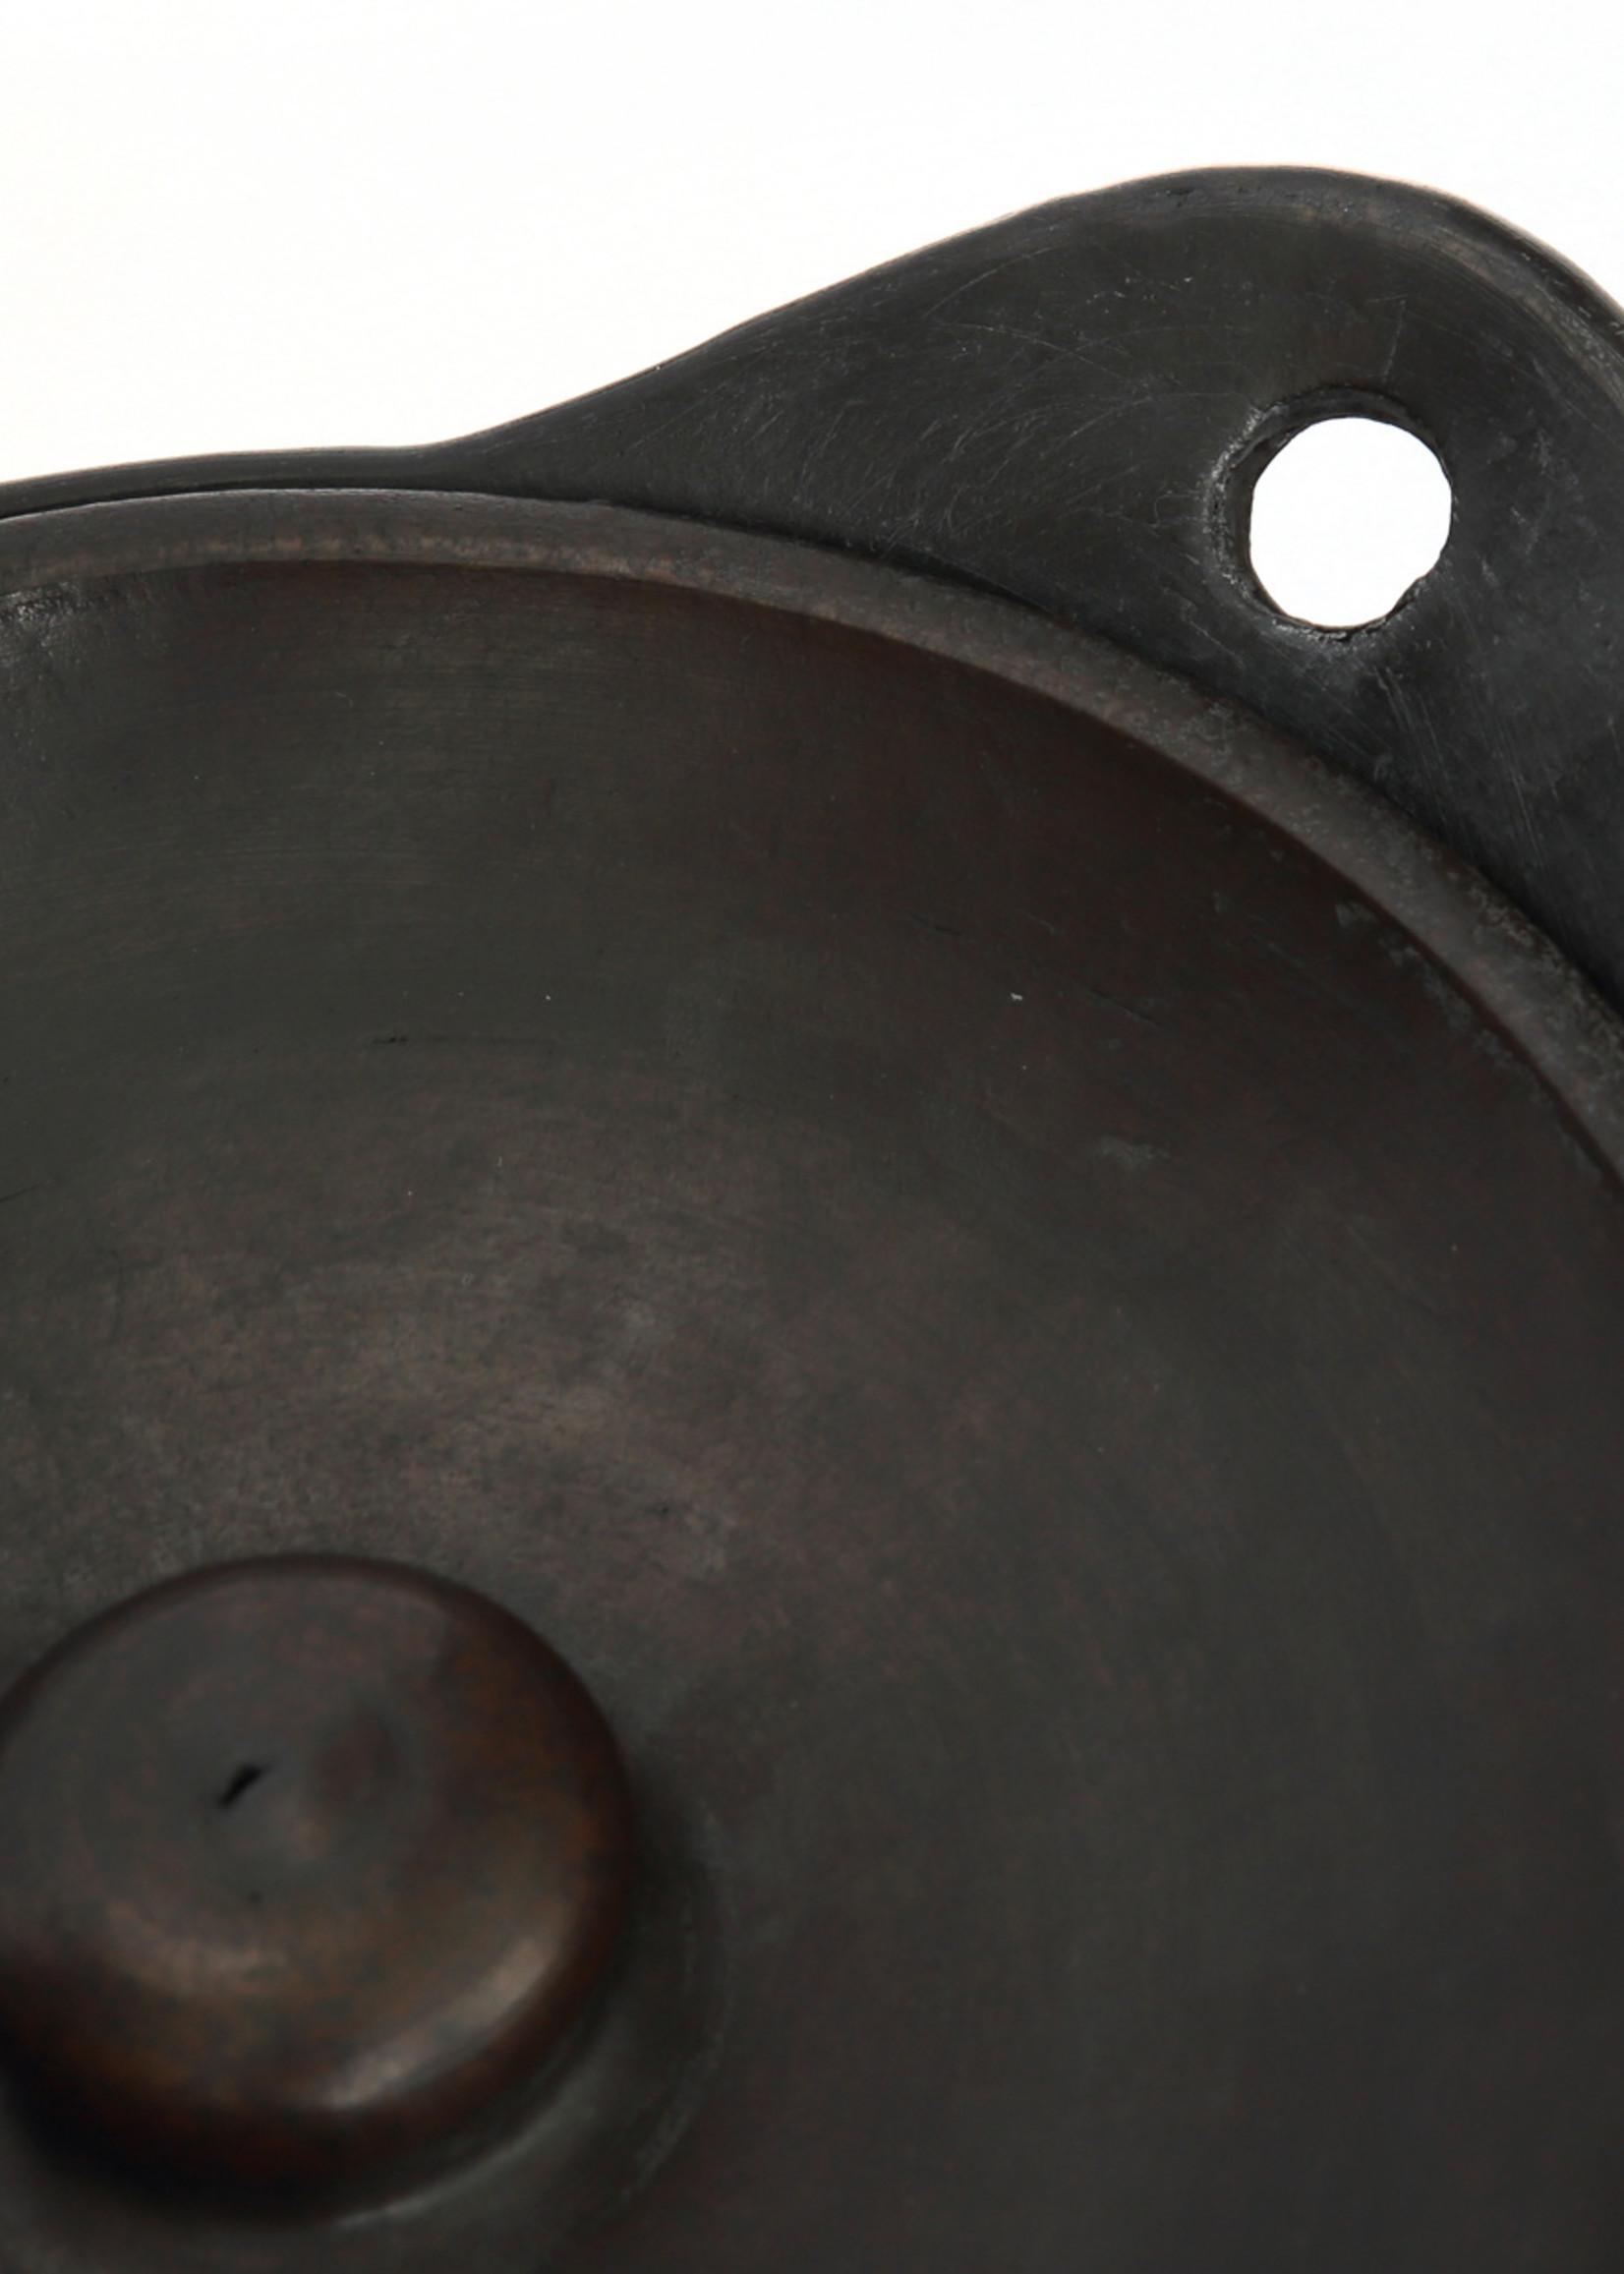 The Burned Pot - Black